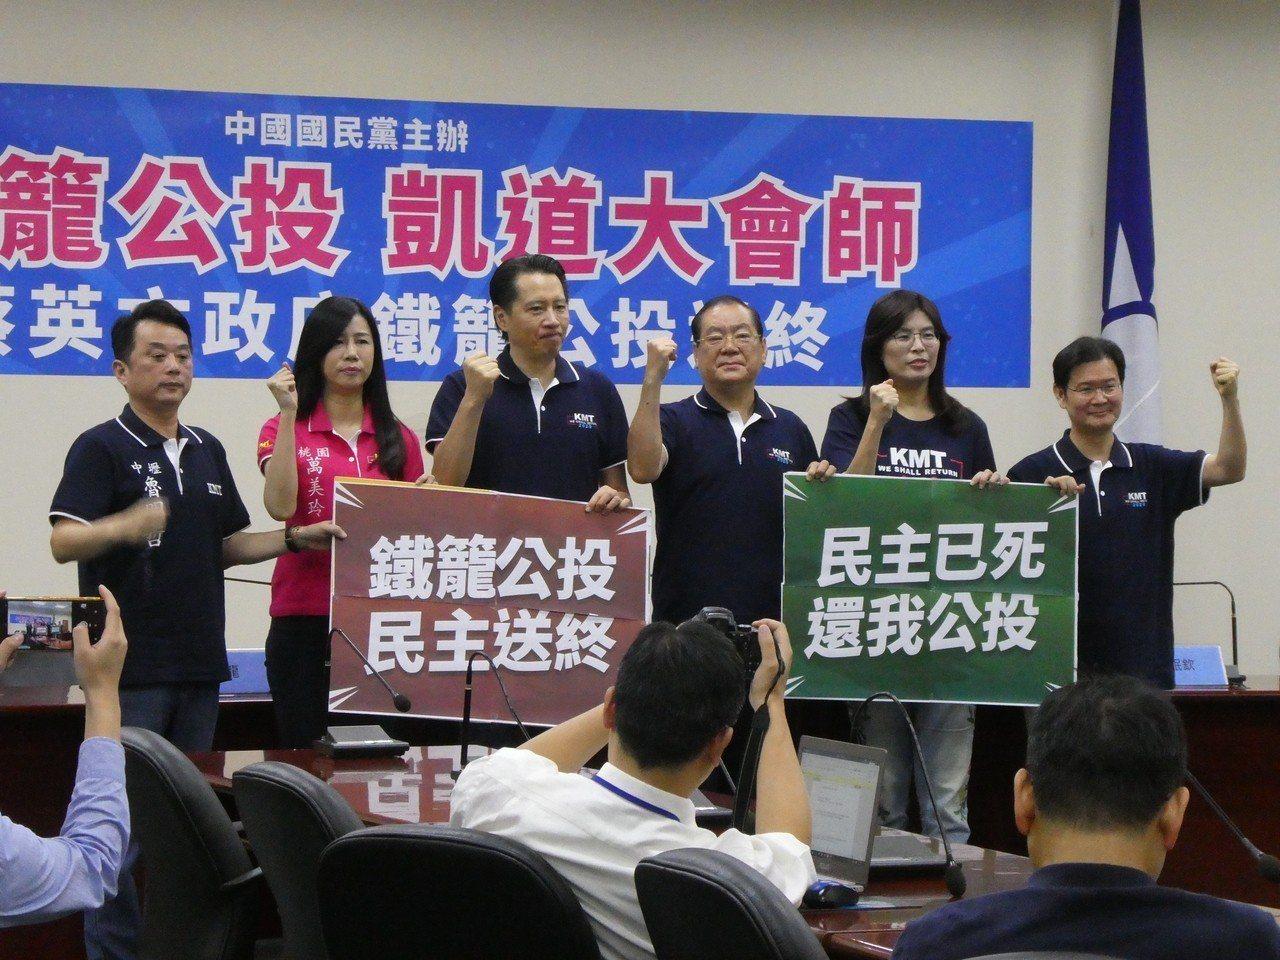 國民黨籌備七七「反鐵籠公投」抗議活動,宣布活動流程。記者周志豪/攝影